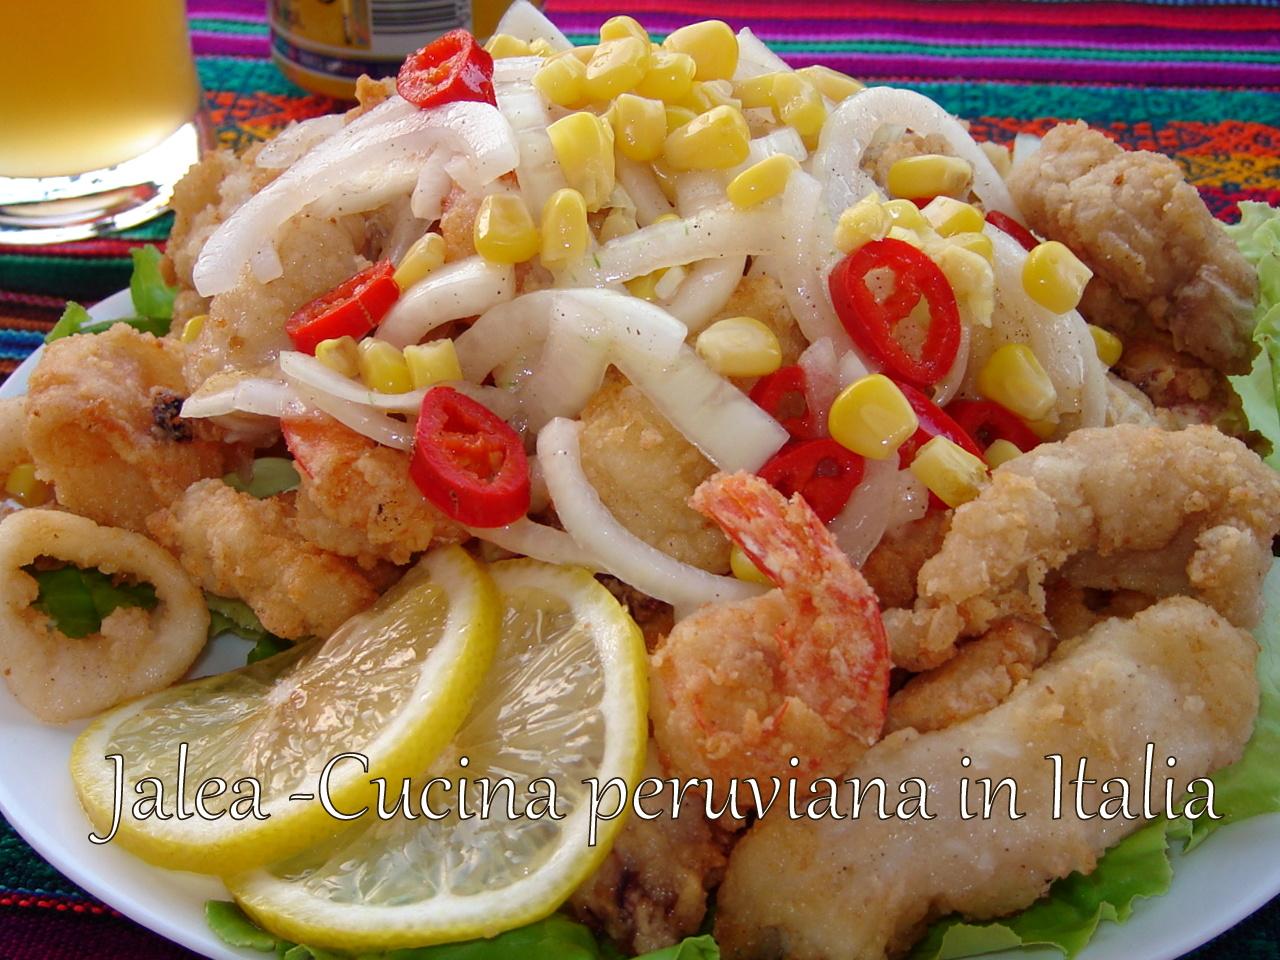 cucina peruviana in italia jalea